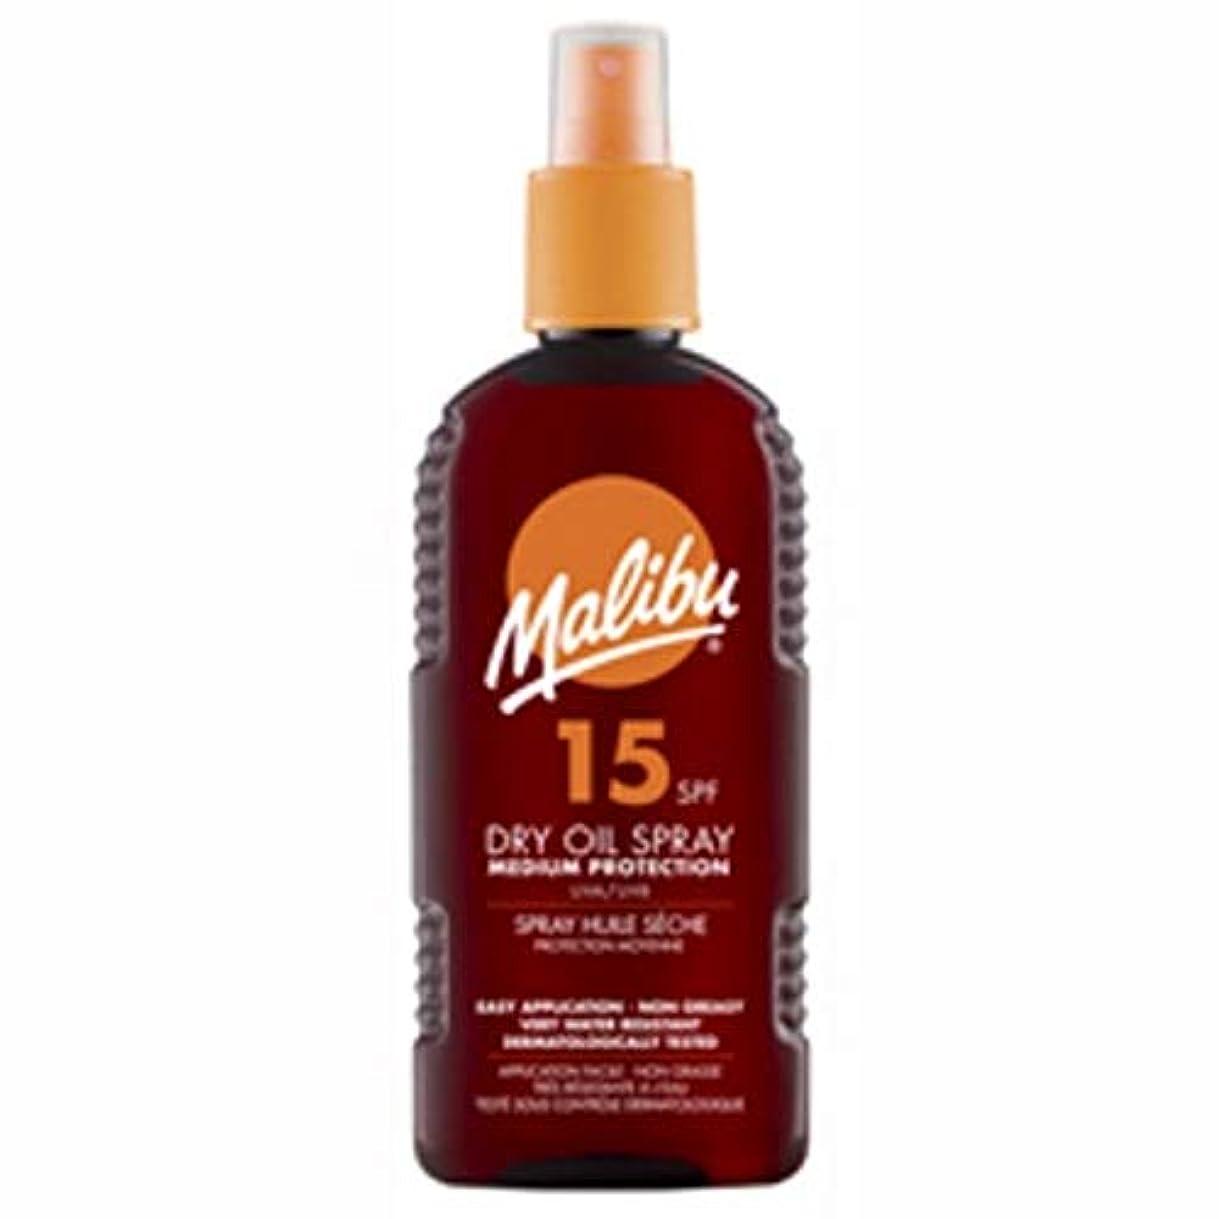 アンテナ失速ロッジ[Malibu ] マリブドライオイルスプレーSpf 15の200ミリリットル - Malibu Dry Oil Spray spf 15 200ml [並行輸入品]